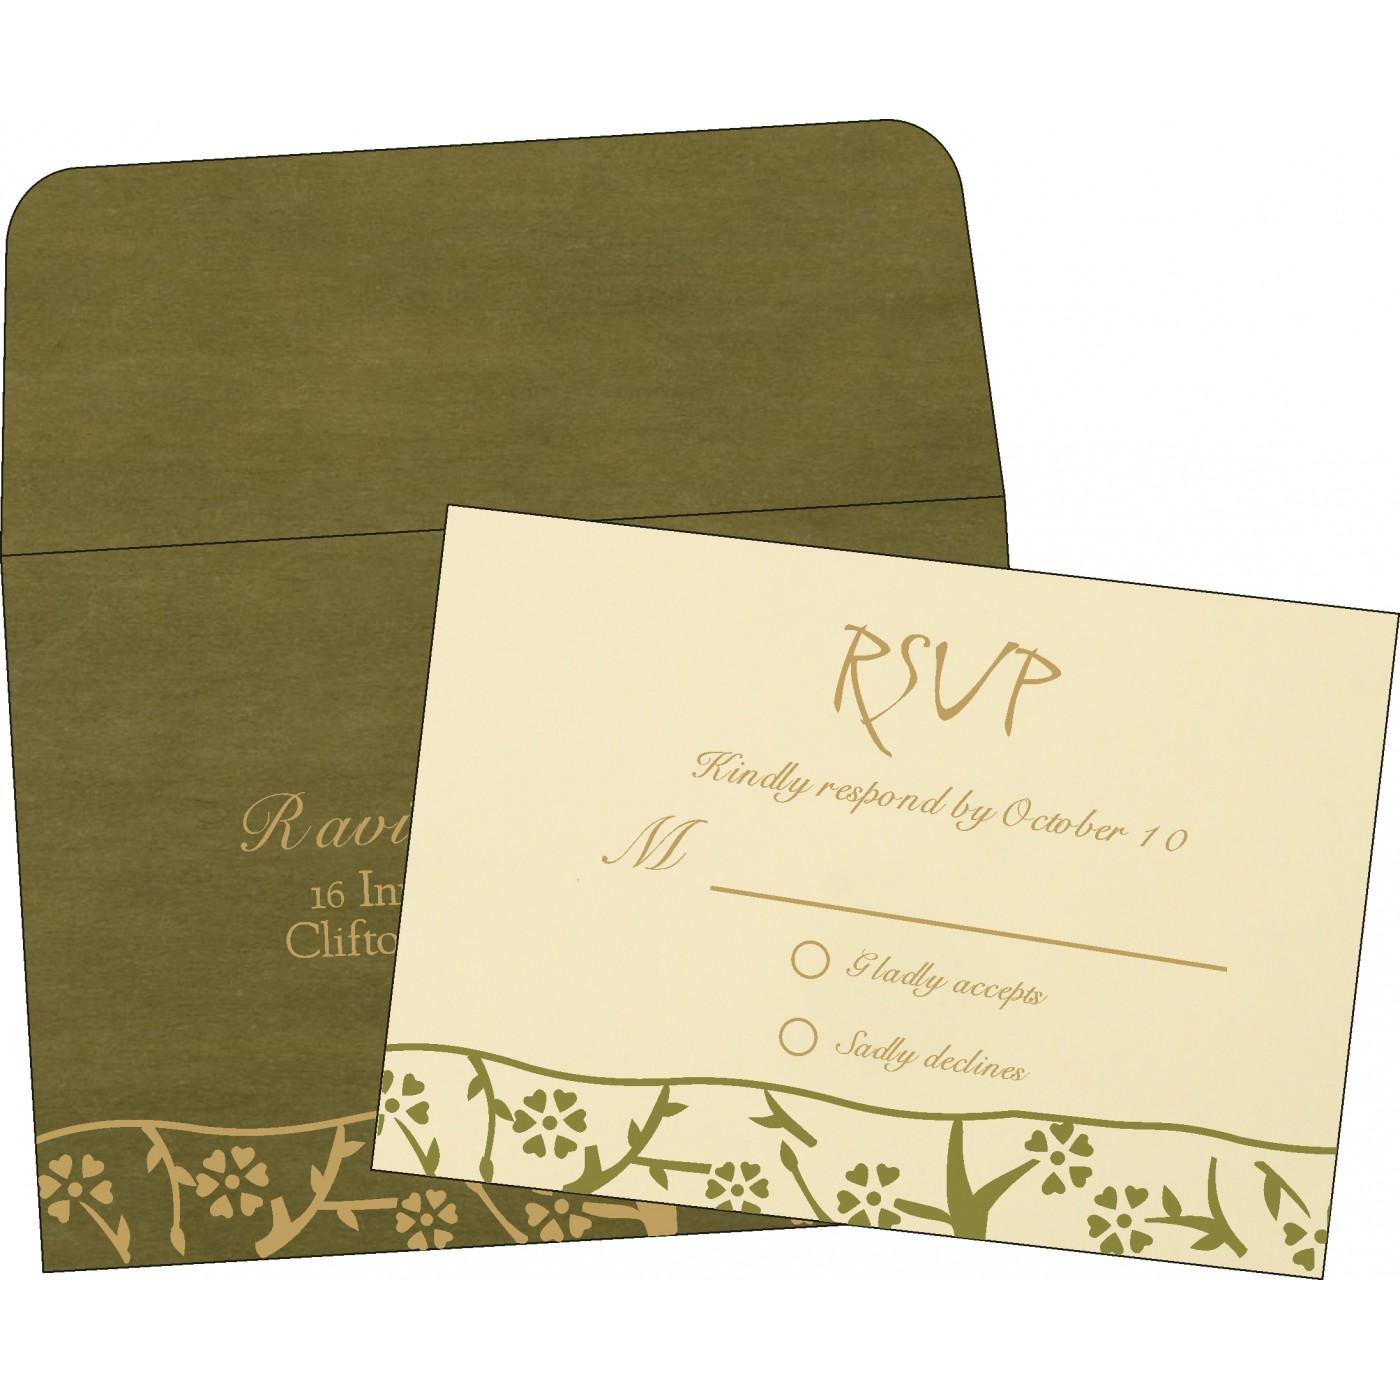 RSVP Cards - RSVP-8216J